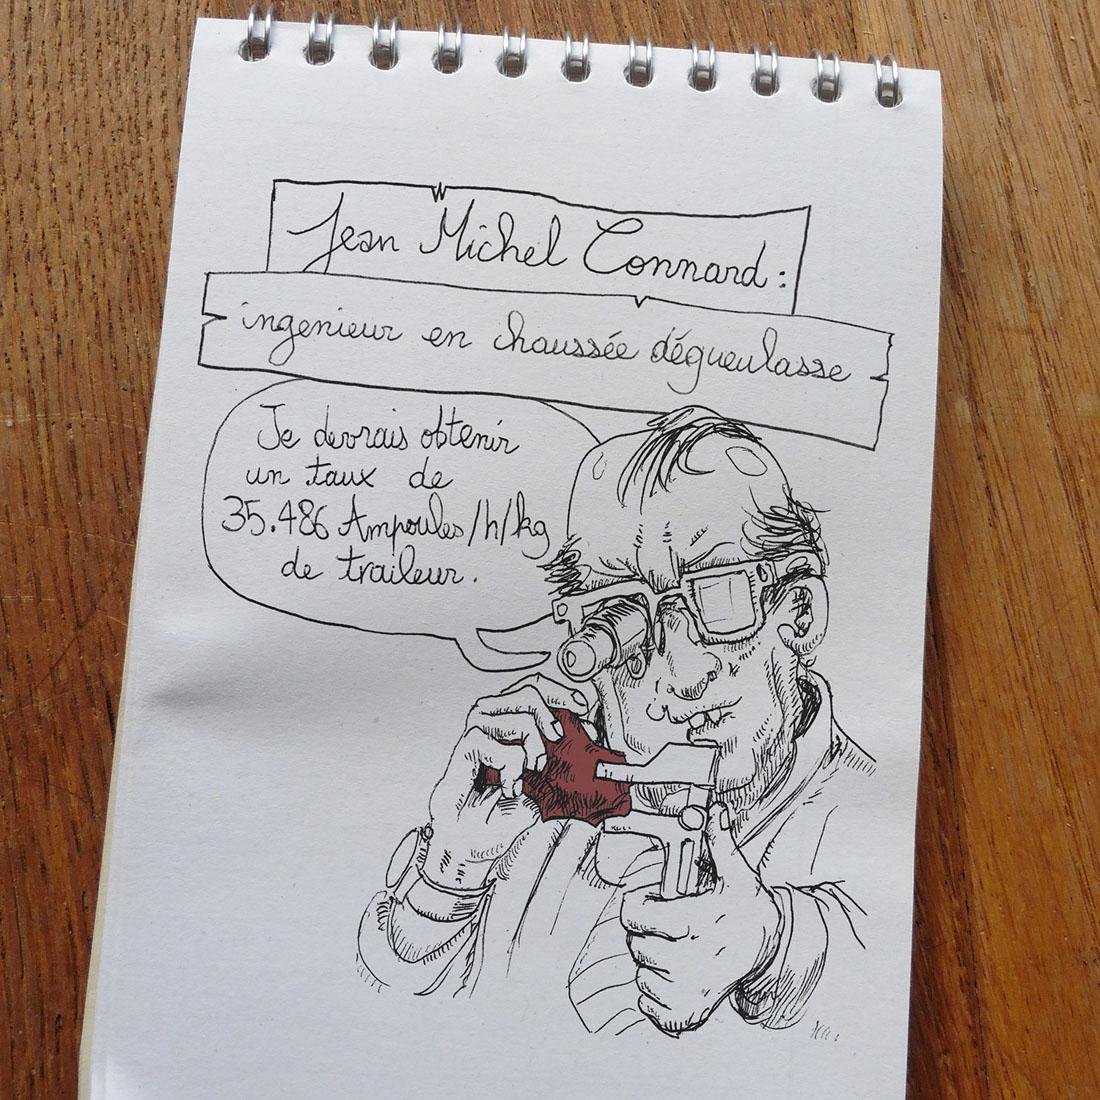 JM connard